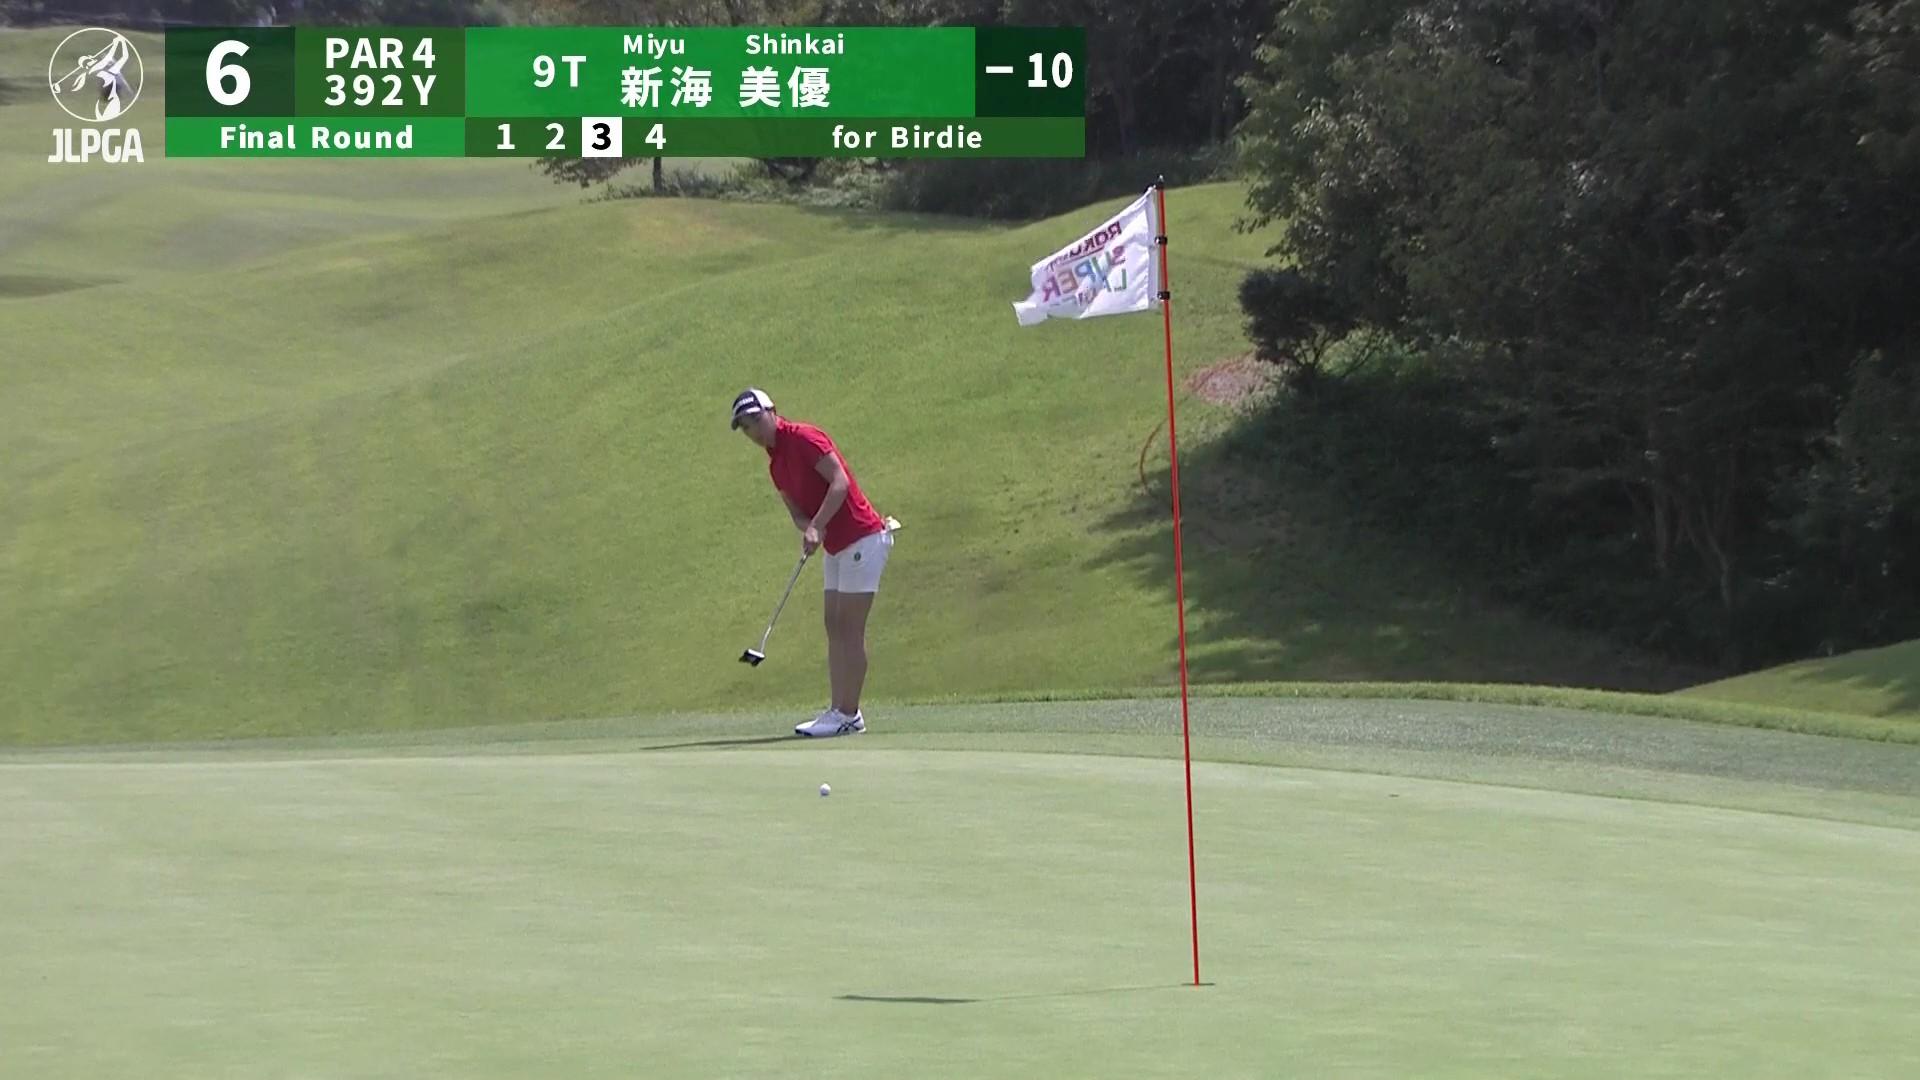 【女子ゴルフ】新海 美優 グリーンエッジから狙い澄ましたパターでバーディー!!〈楽天スーパーレディース〉